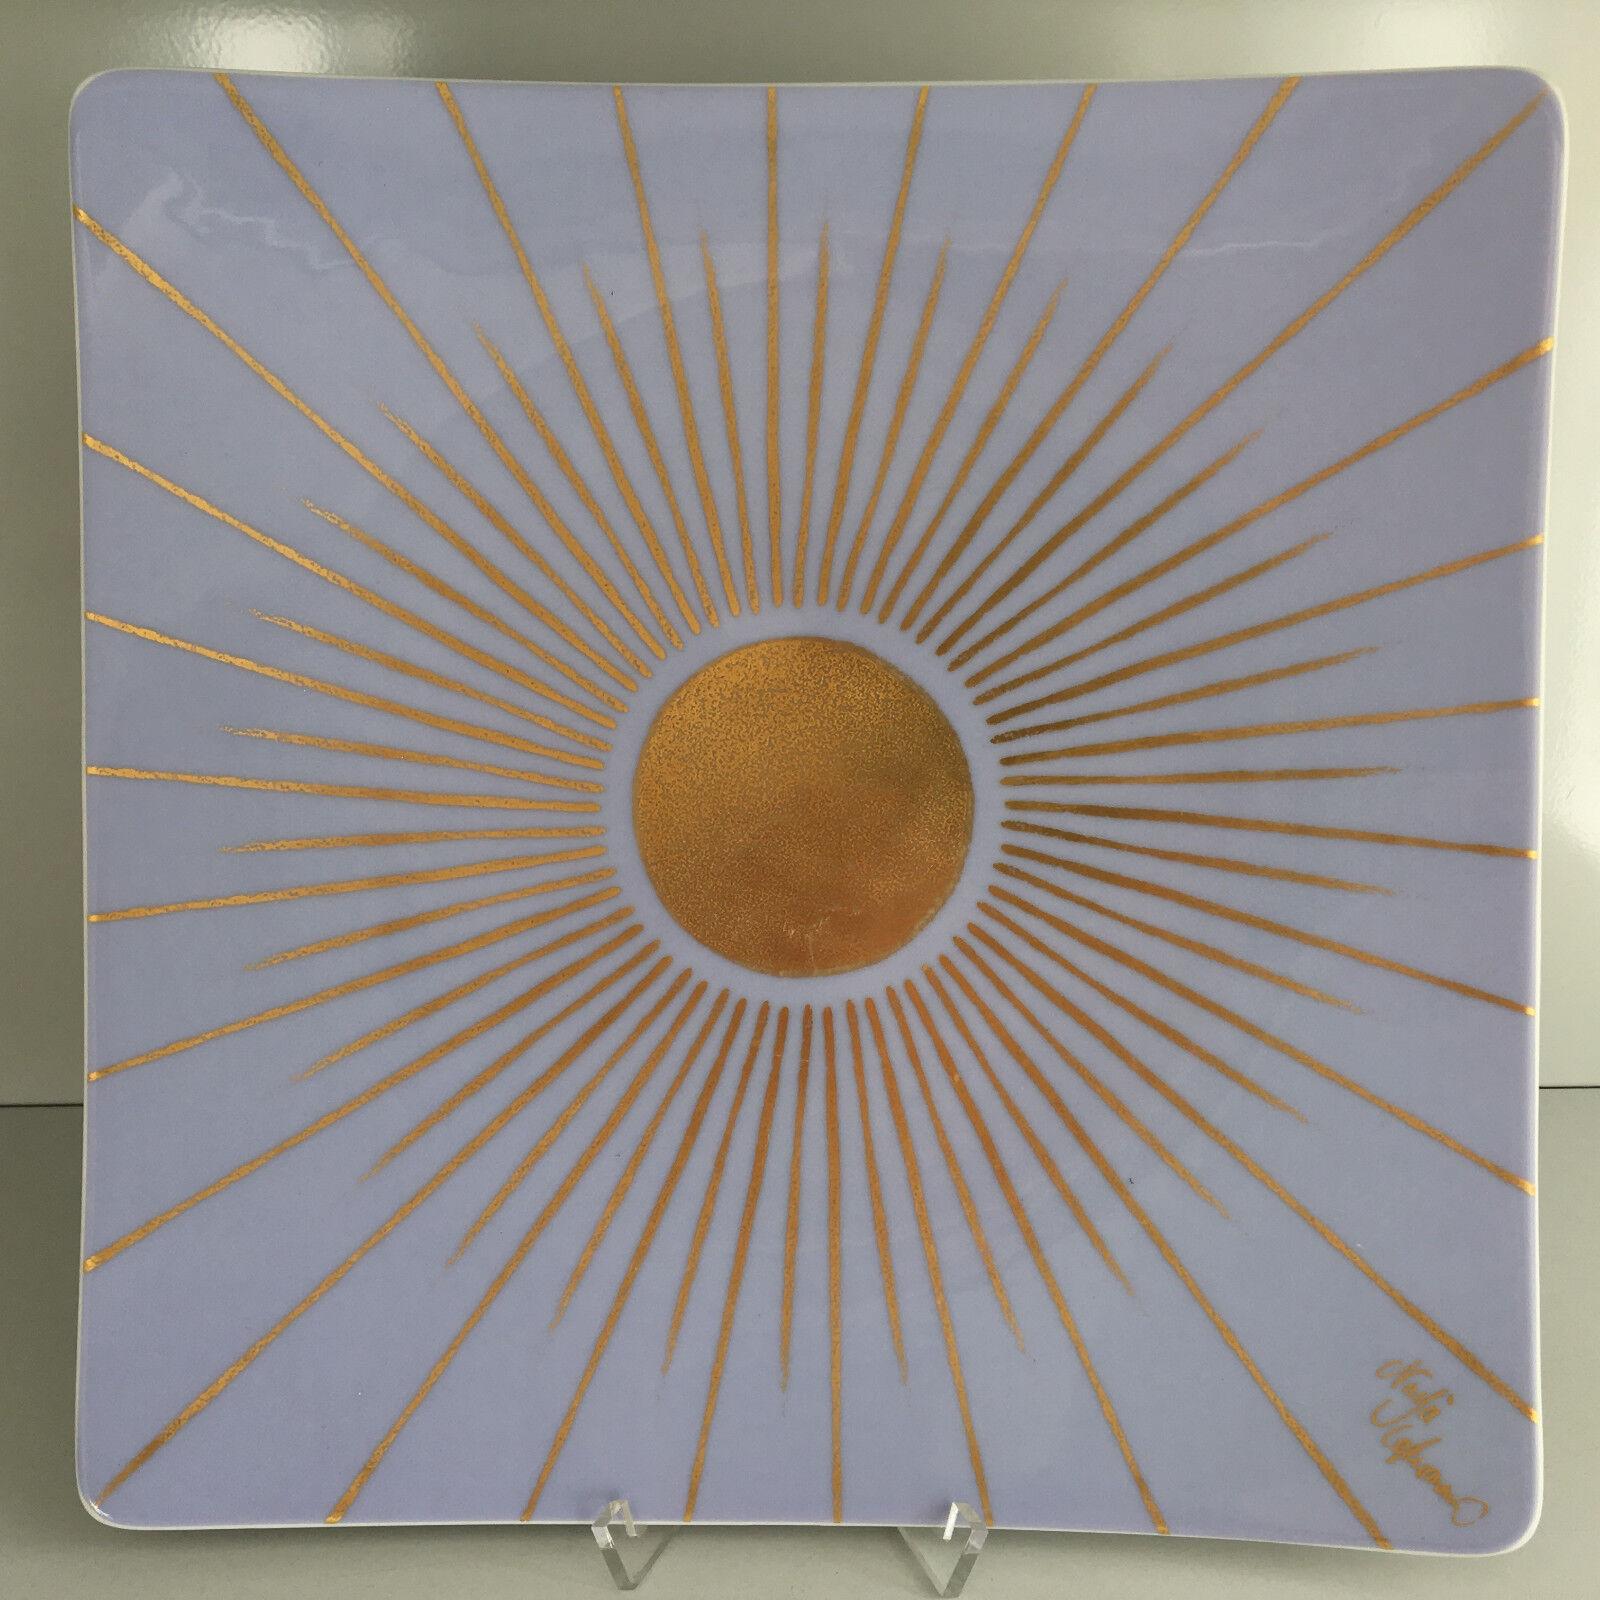 Rosanthal CELEBRITY ART EDITION 1 2 3 Künstler Künstler Künstler WANDTELLER 31 cm  Sammelteller | Qualität Produkte  3d0967